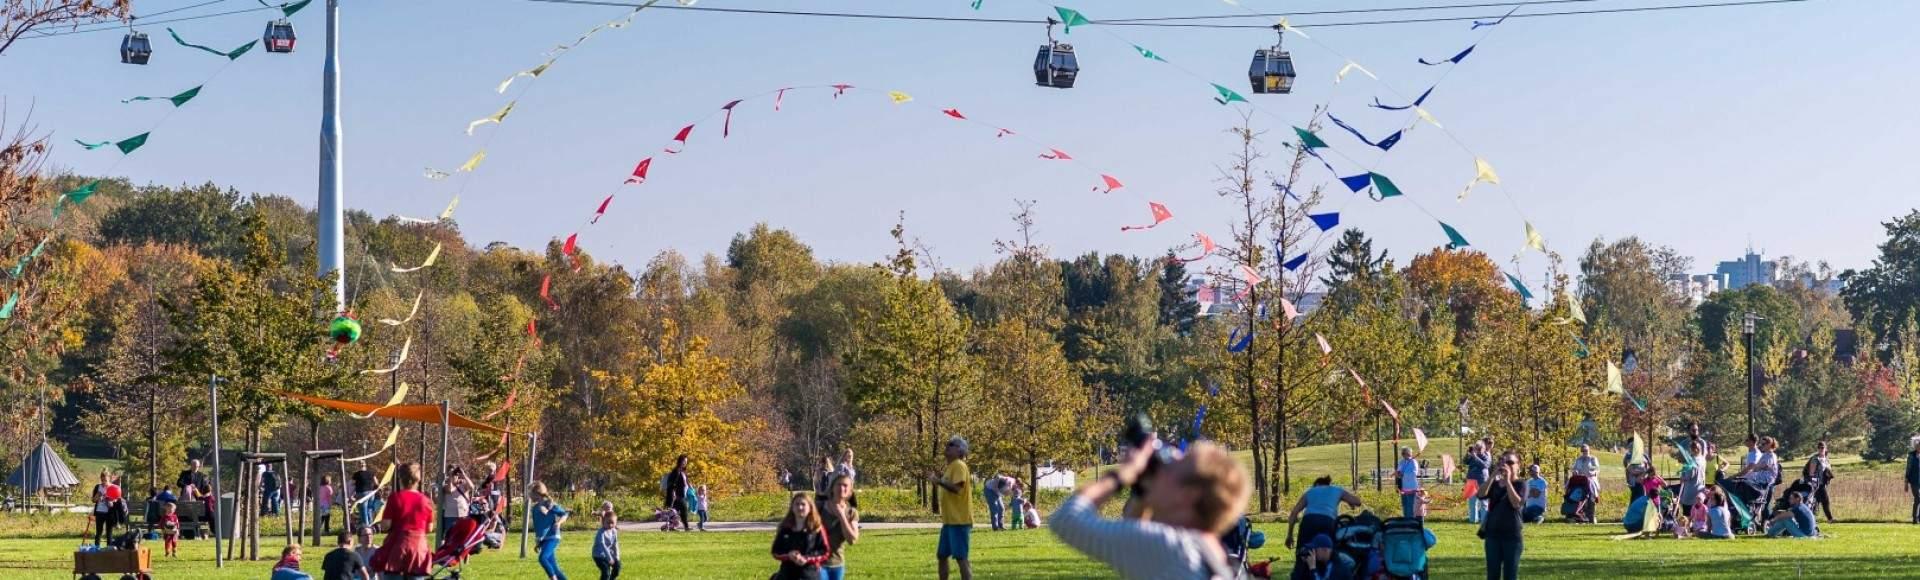 Gärten Der Welt Berlin Luxus Veranstaltungen